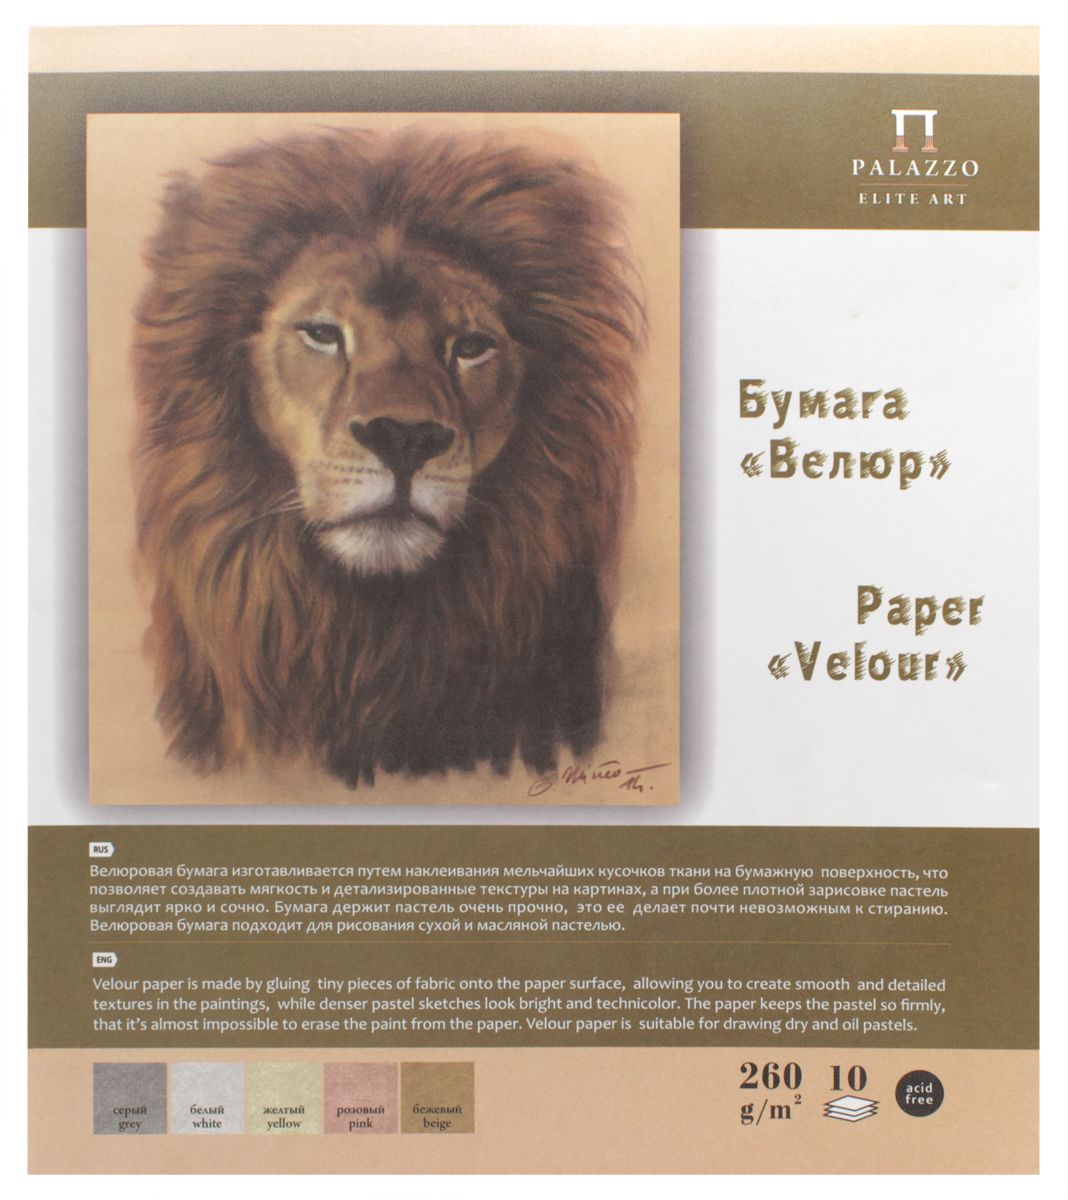 Palazzo Планшет с цветной бумагой Velour 5 цветов 34,5 х 34,5 см 10 листовС2801-04Планшет Palazzo для пастели Velour с велюровой бумагой 260 г/м2.Велюровая бумагаизготавливается путем наклеивания мельчайших кусочков ткани на бумажную поверхность.Фактура позволяет создавать мягкость и детализированные текстуры на картинах, а при болееплотной зарисовке пастель выглядит ярко и сочно. Бумага очень прочно держит пастель, этоделает ее устойчивой к стиранию. Велюровая бумага подходит для рисования сухой и маслянойпастелью.В наборе 10 листов бумаги 5 оттенков (серого, белого, желтого, розового и бежевого).